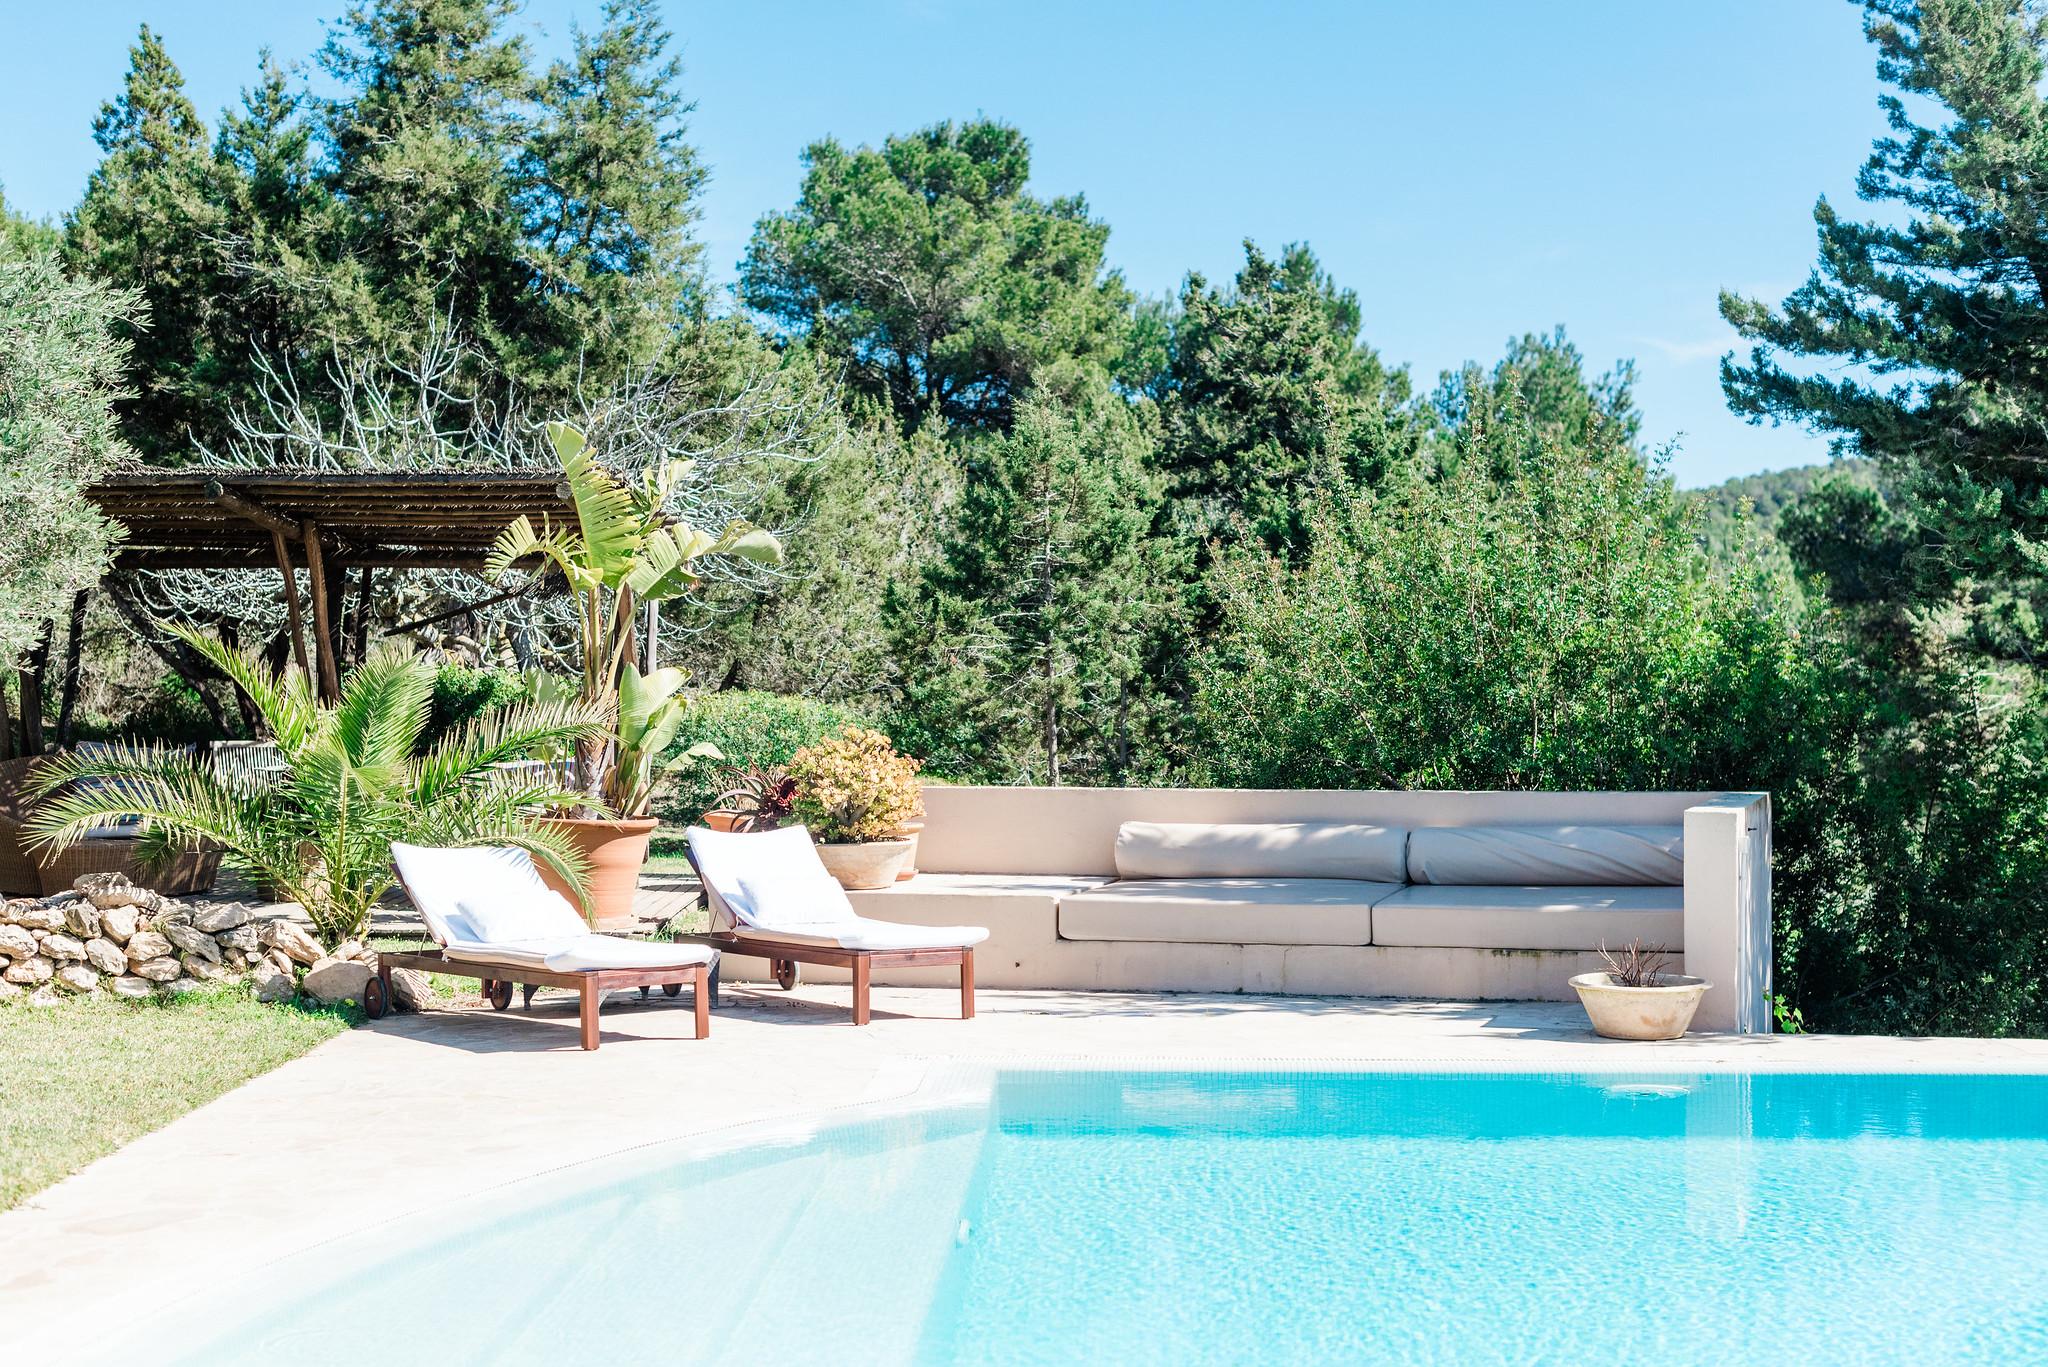 https://www.white-ibiza.com/wp-content/uploads/2020/06/white-ibiza-villas-villa-andrea-exterior-shaded-chill.jpg